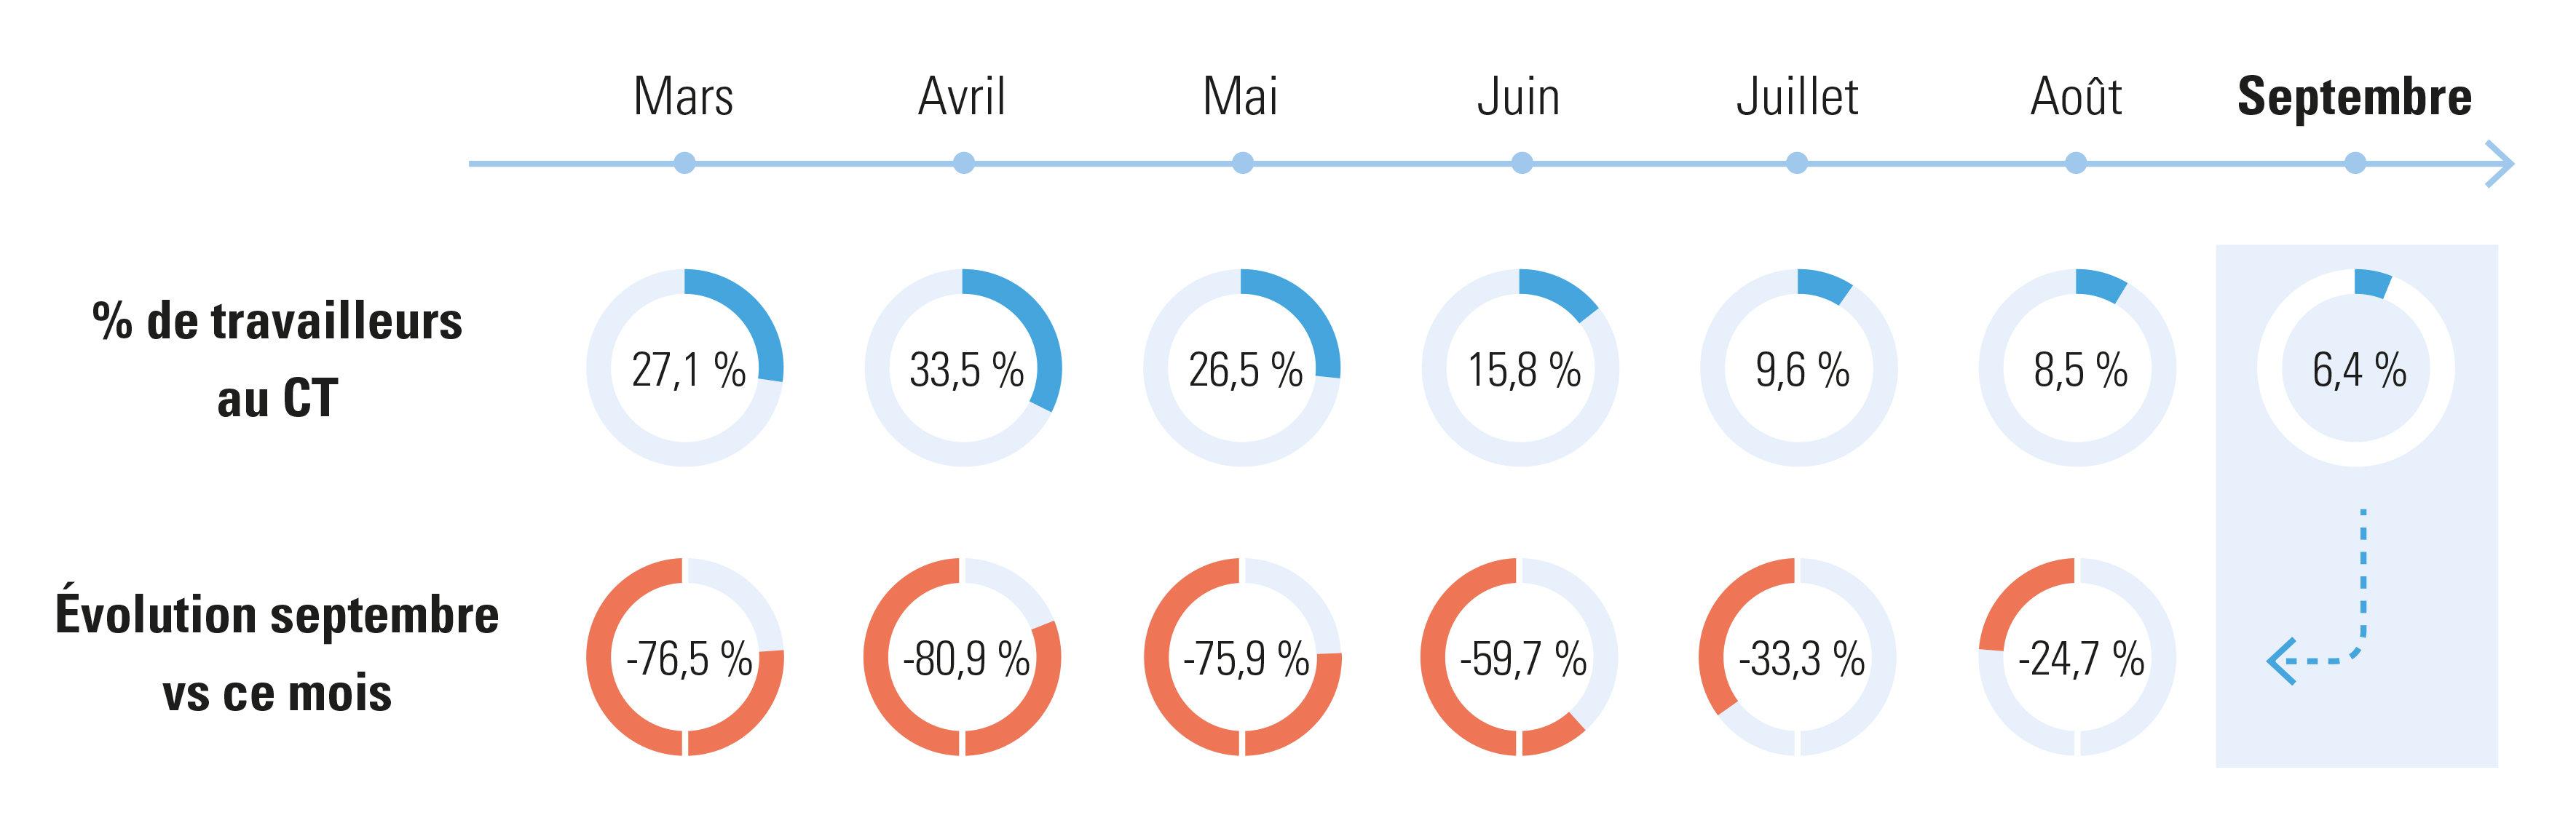 % de travailleurs avec au moins 1 jour de chômage temporaire (CT), évolution mois par mois 2020